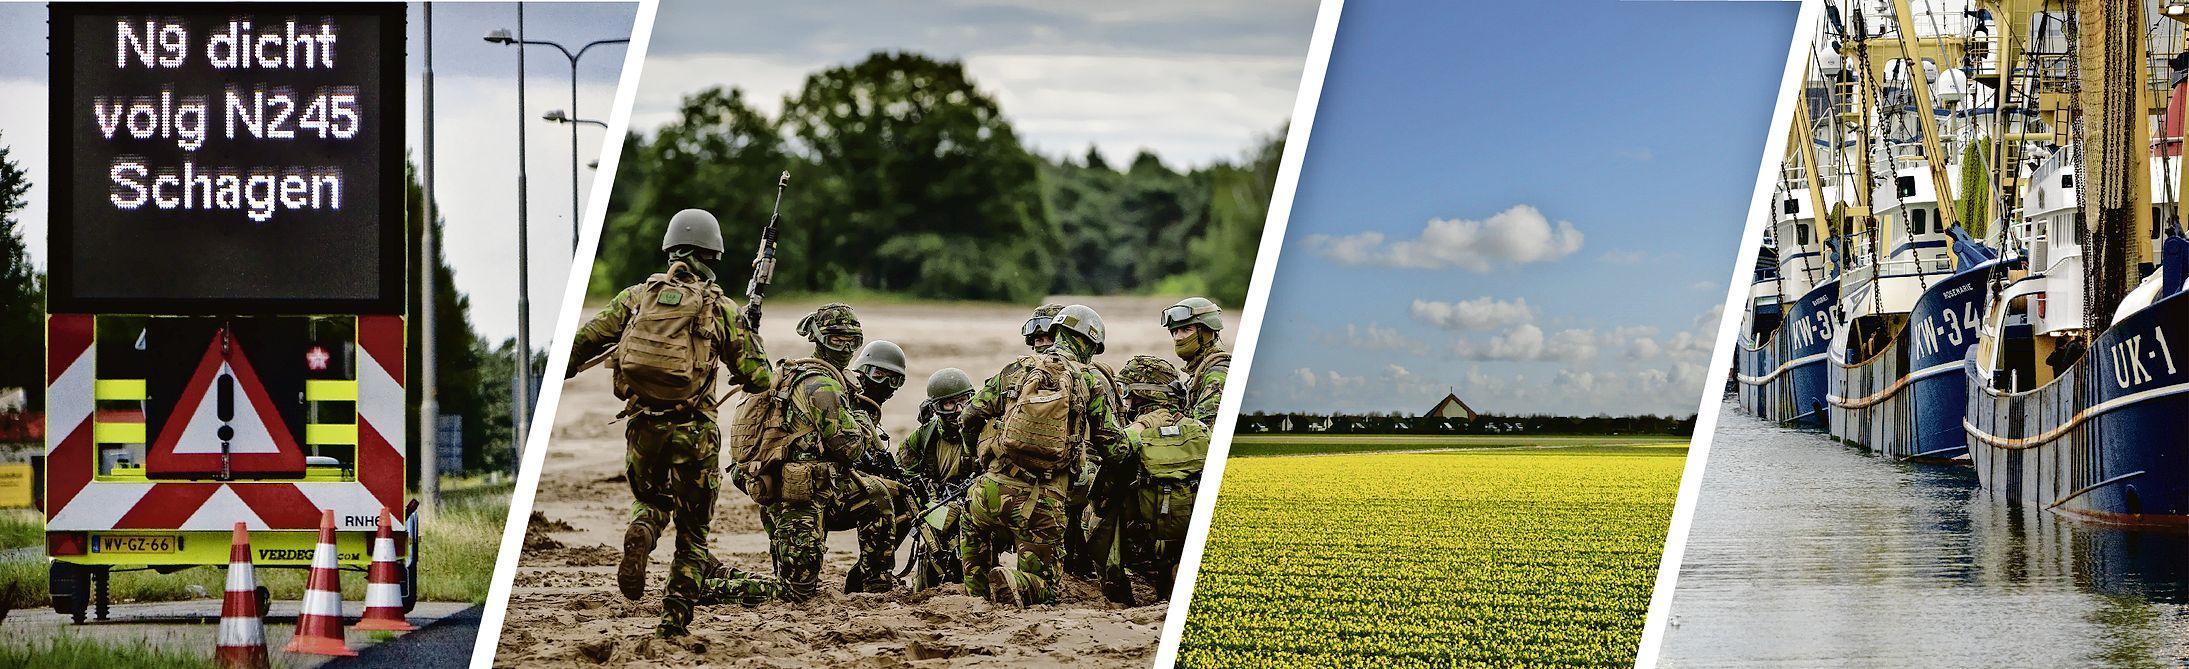 Defensie, woningentekort, bereikbaarheid en visserij: wat willen de partijen voor de Noordkop?